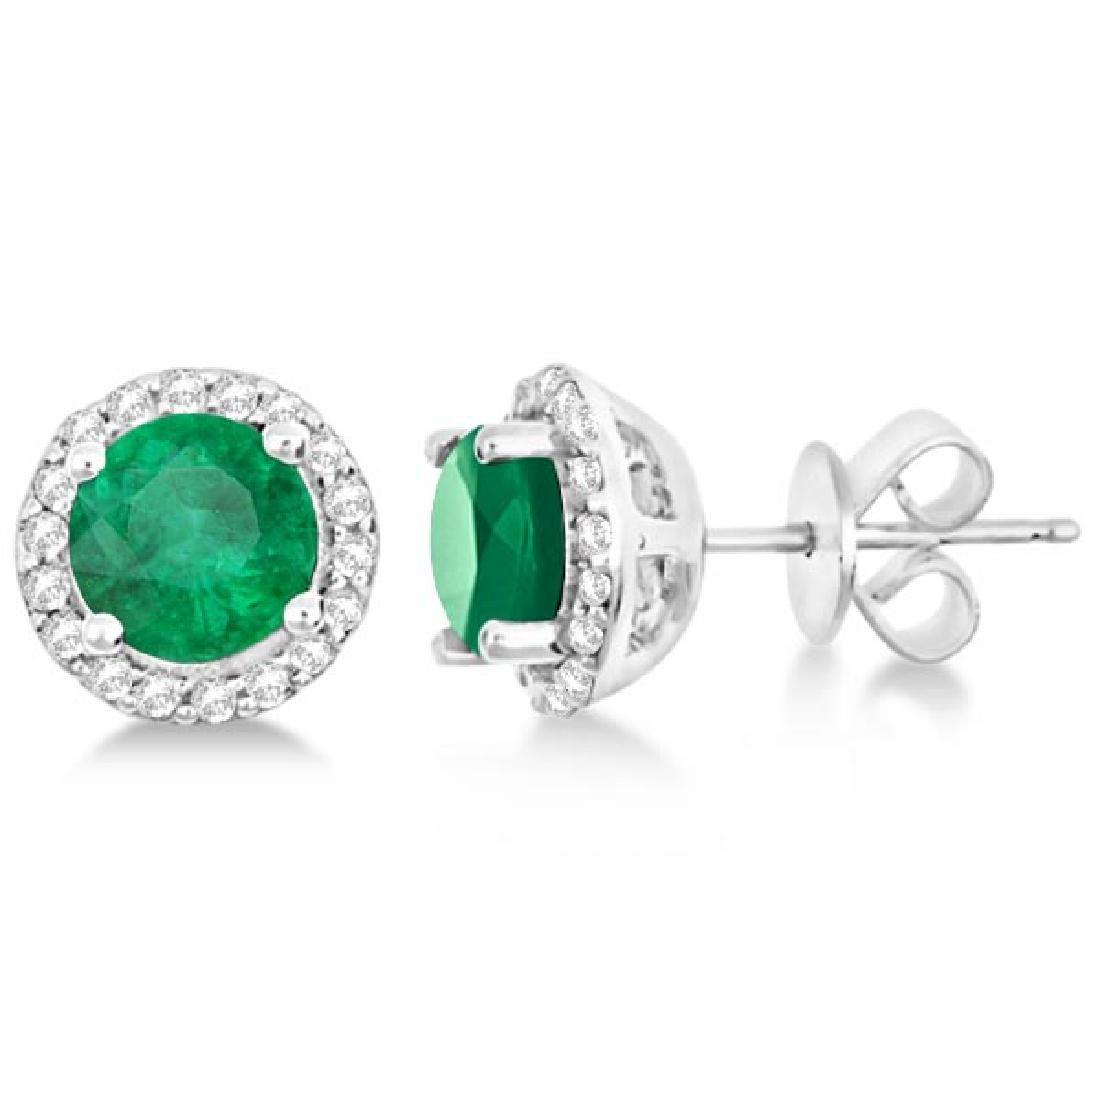 Ladies Emerald and Diamond Halo Stud Earrings